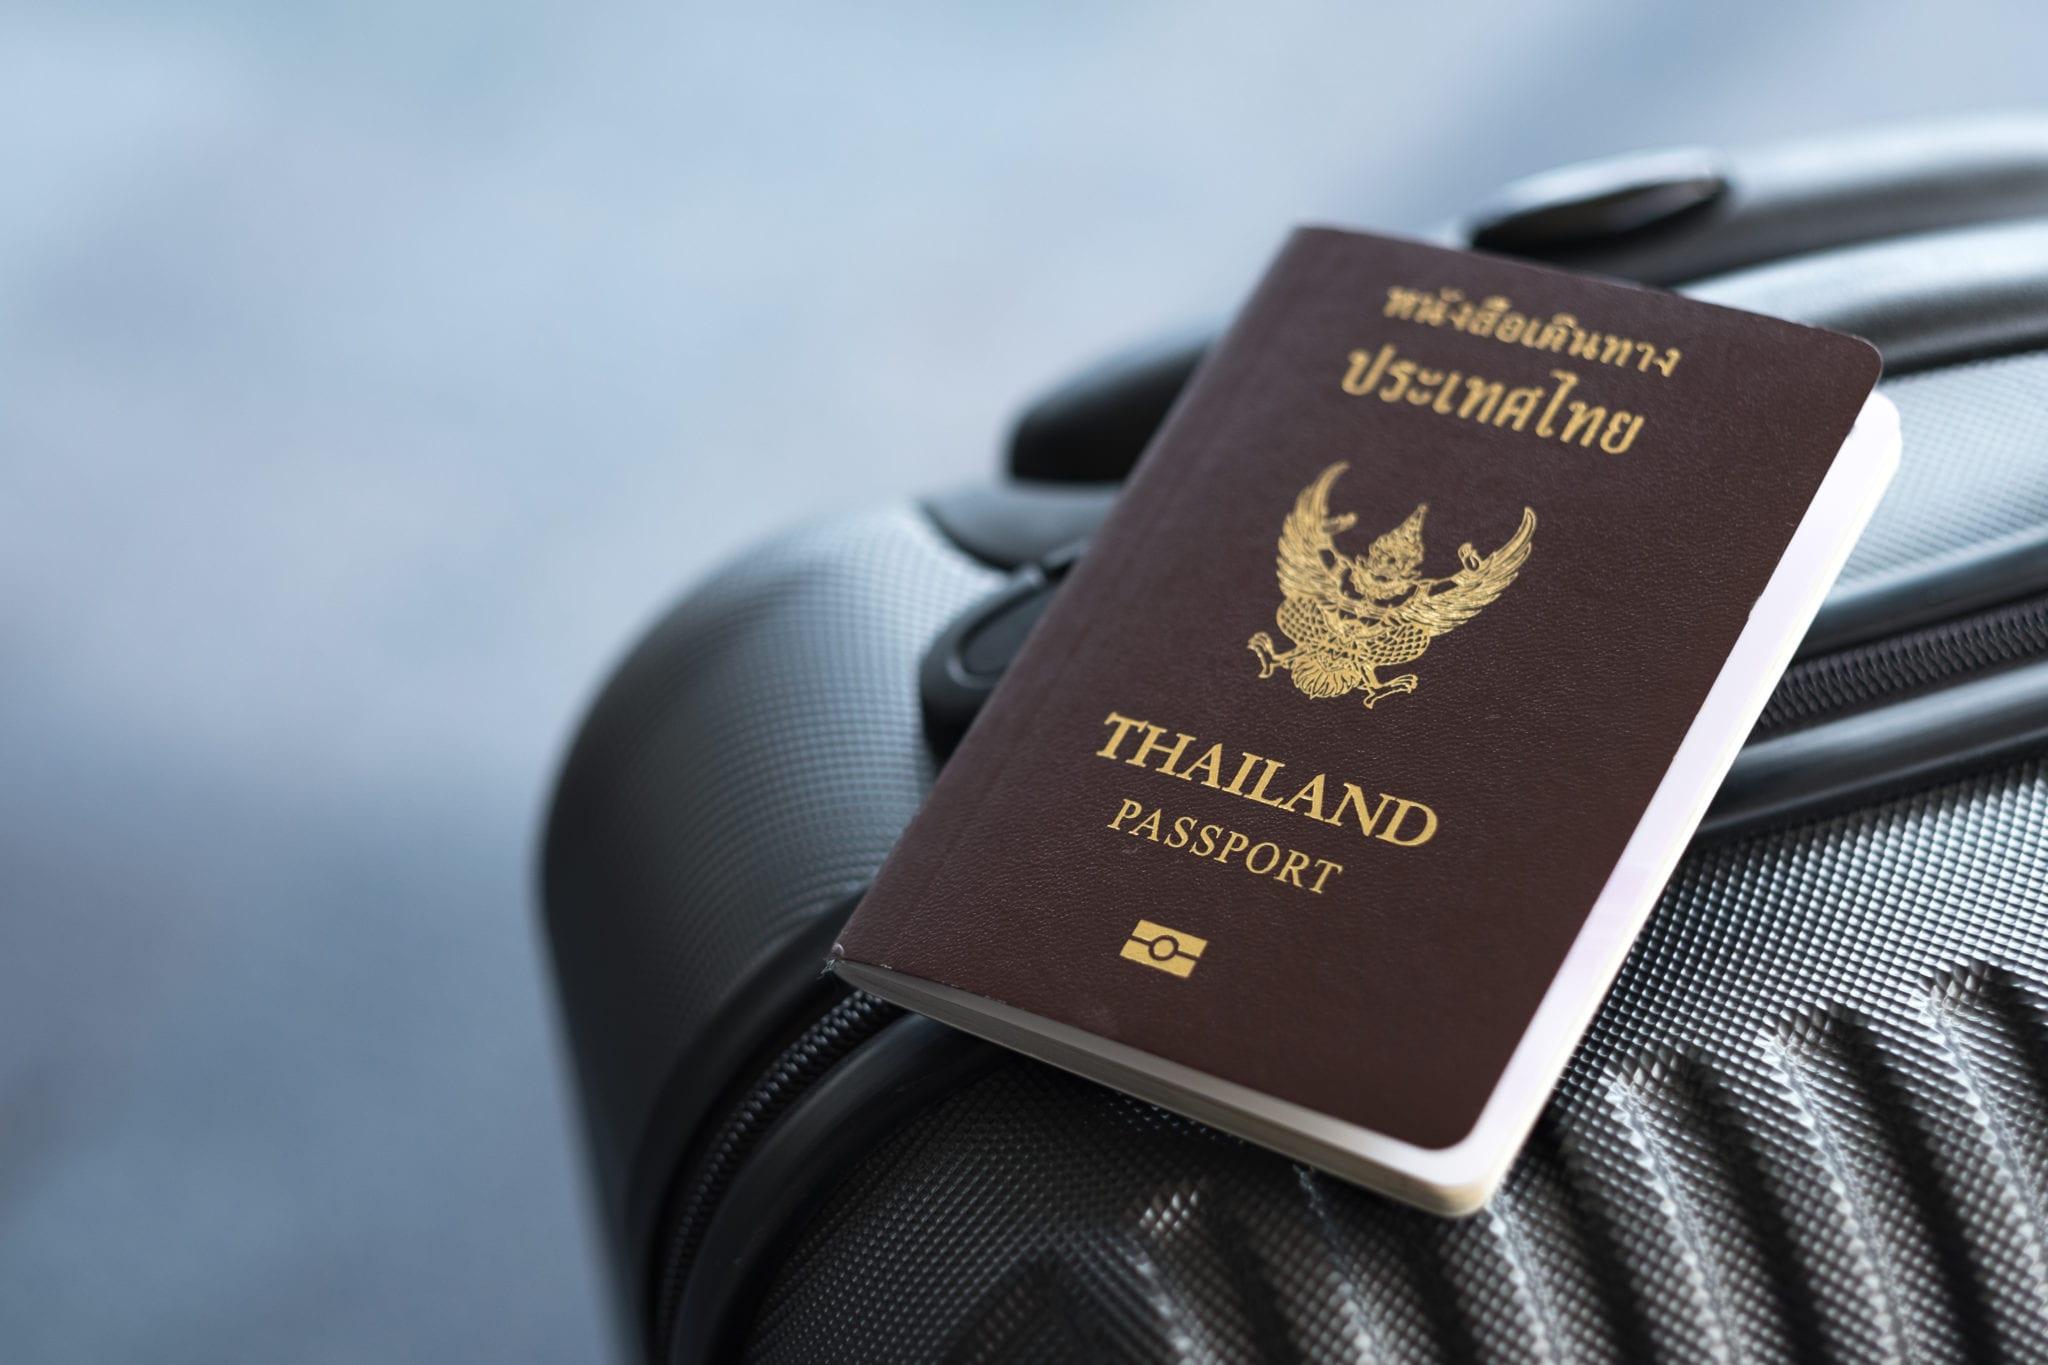 ทำ passport ทำพาสปอร์ตที่ไหน เอกสารทำพาสปอร์ต ที่ทำพาสปอร์ต